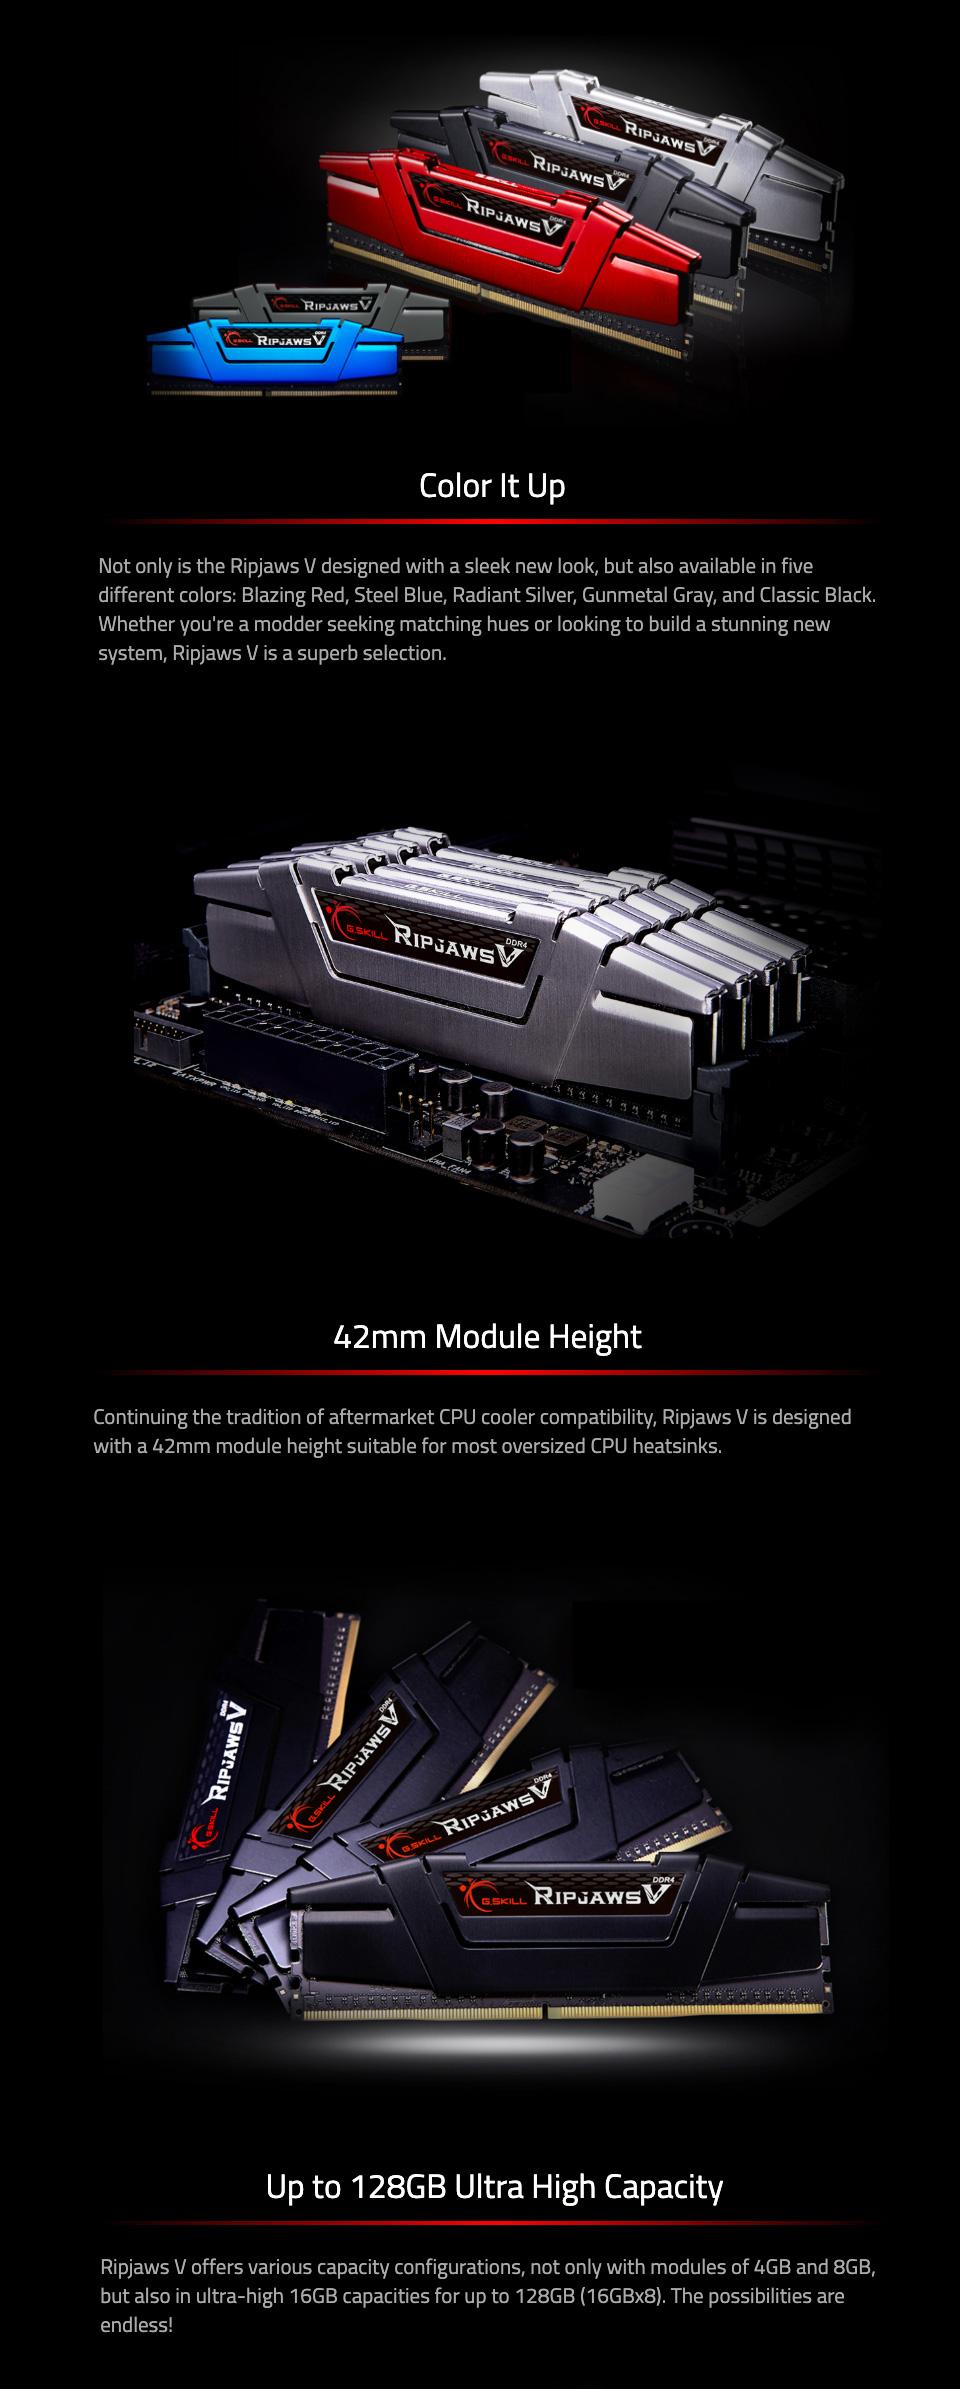 G.Skill Ripjaws V F4-3600C18Q-64GVK 64GB (4x16GB) DDR features 2